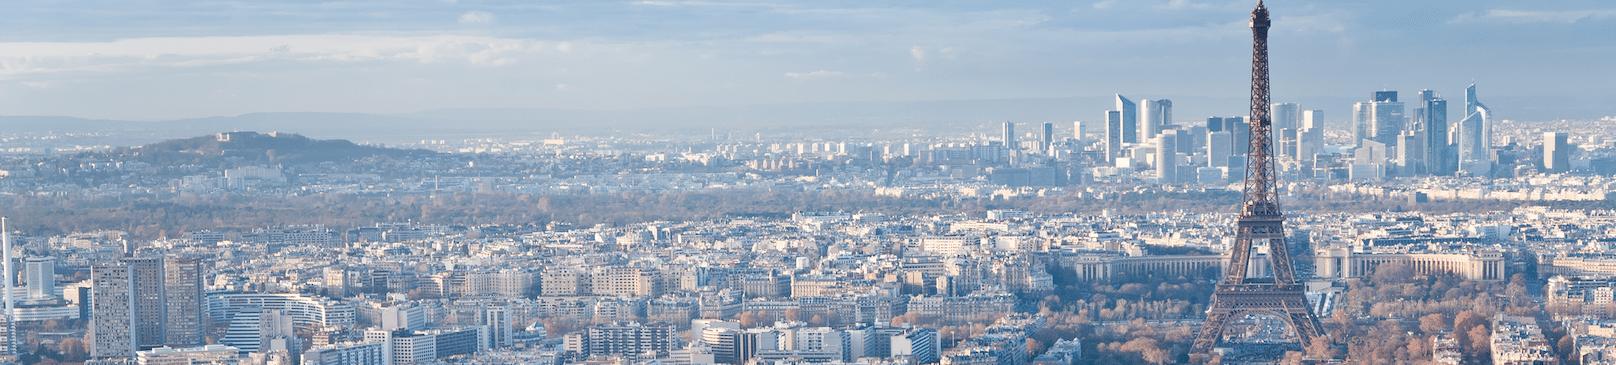 Curso de francés nivel B1 - Clases preparatorias para el B1 de francés